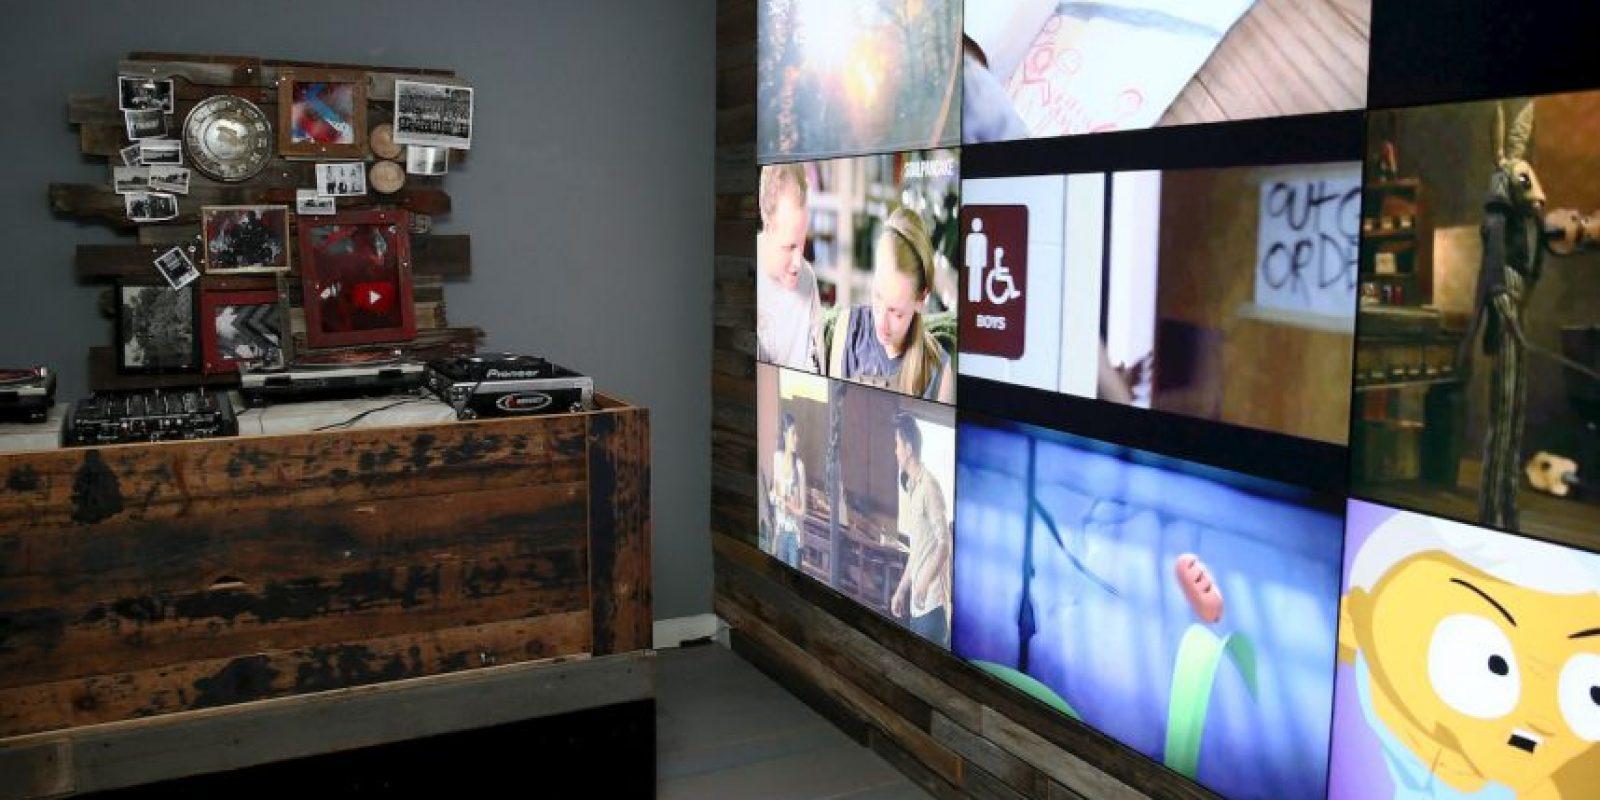 Las empresas y grupos dedicados a la industria audiovisual usan YouTube como un medio de distibución y acercamiento con su público. Foto:Getty Images